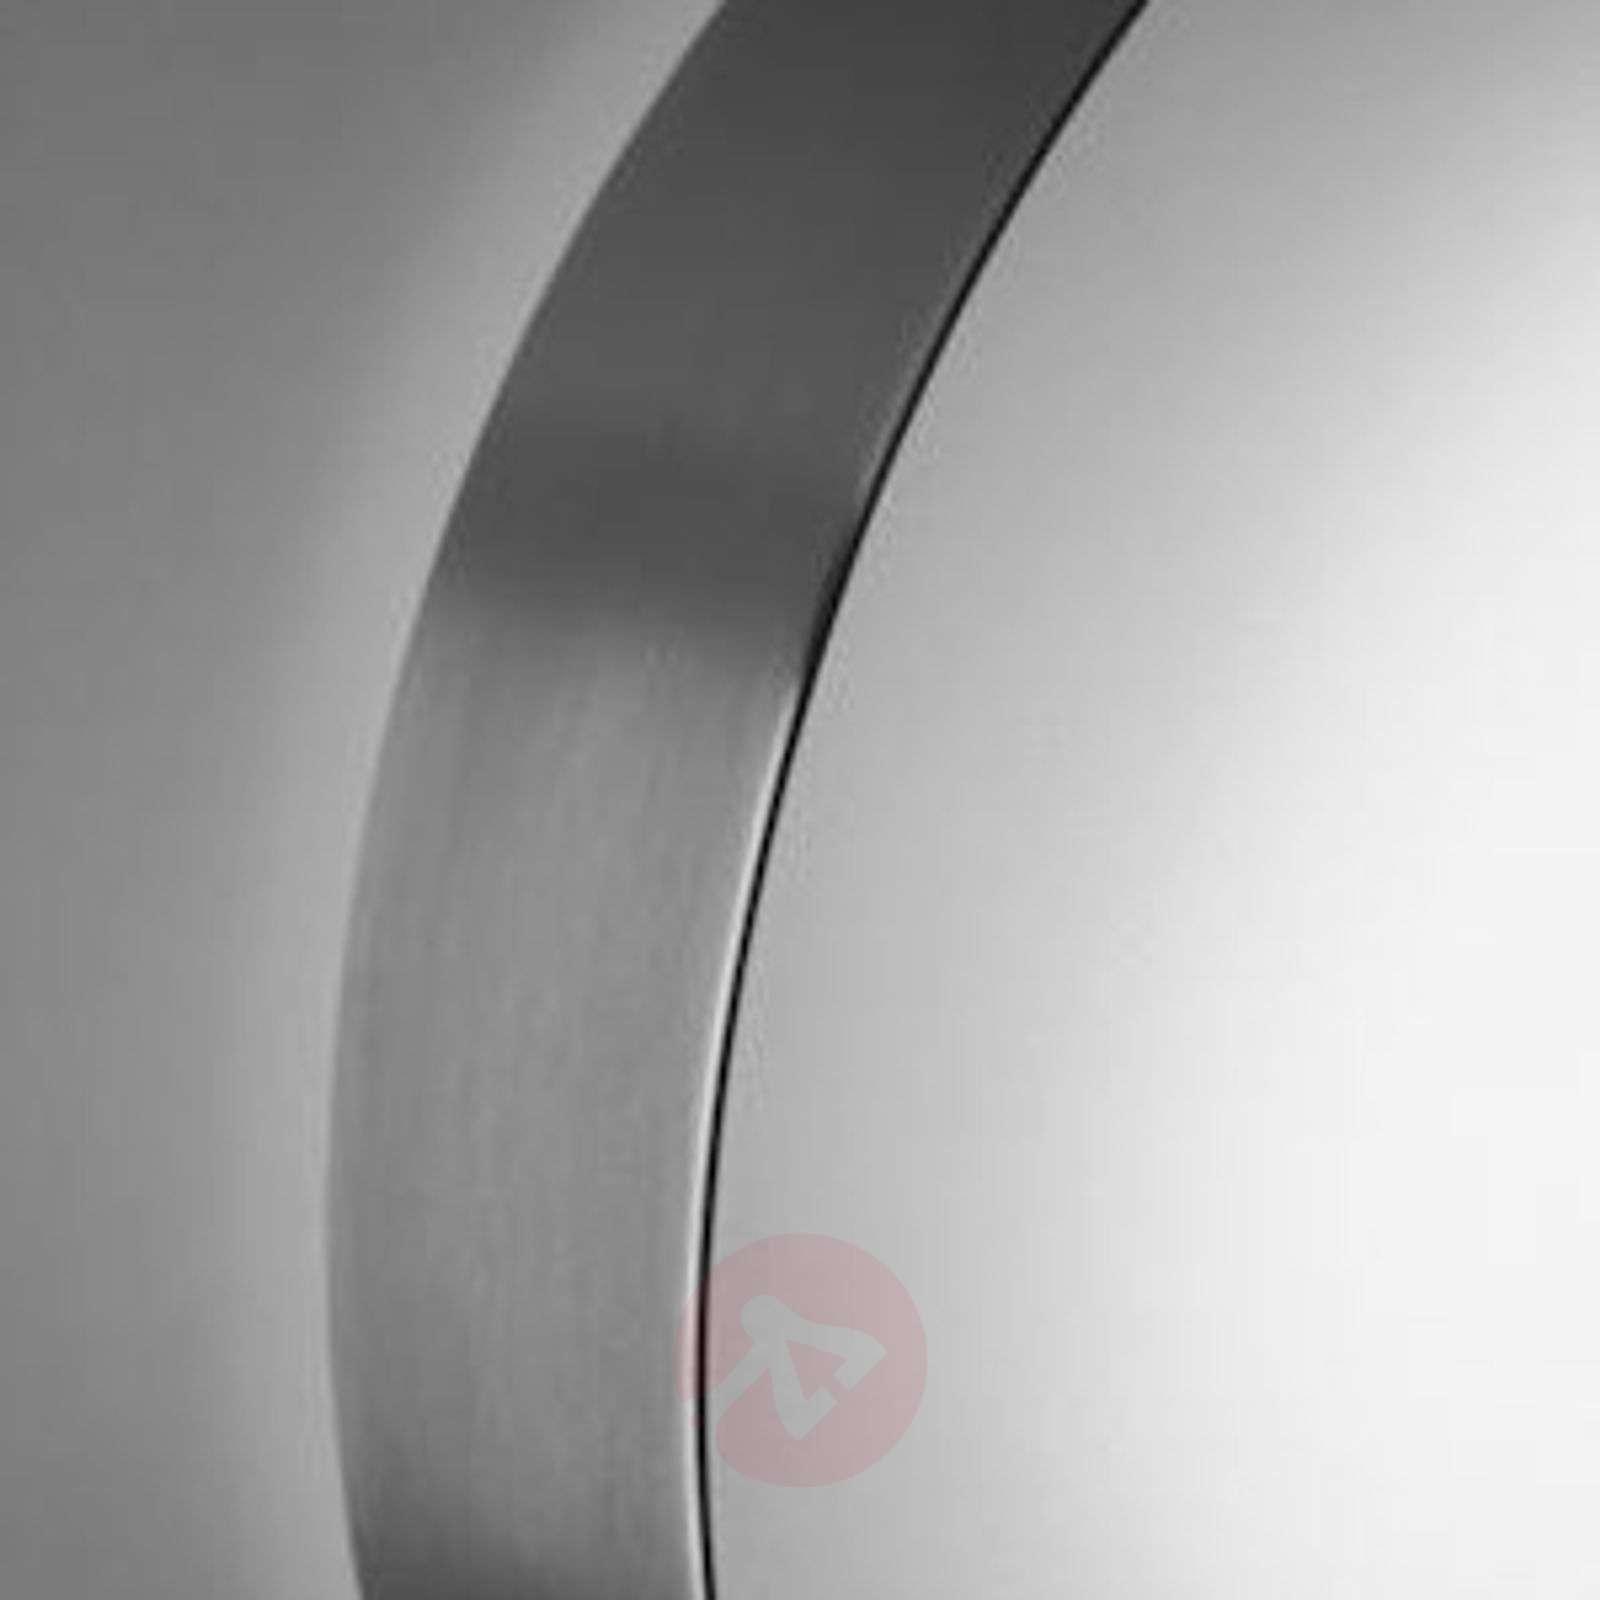 Ruostumaton LED-valaisin SUN 4 13W tunnistimella-1018196X-02